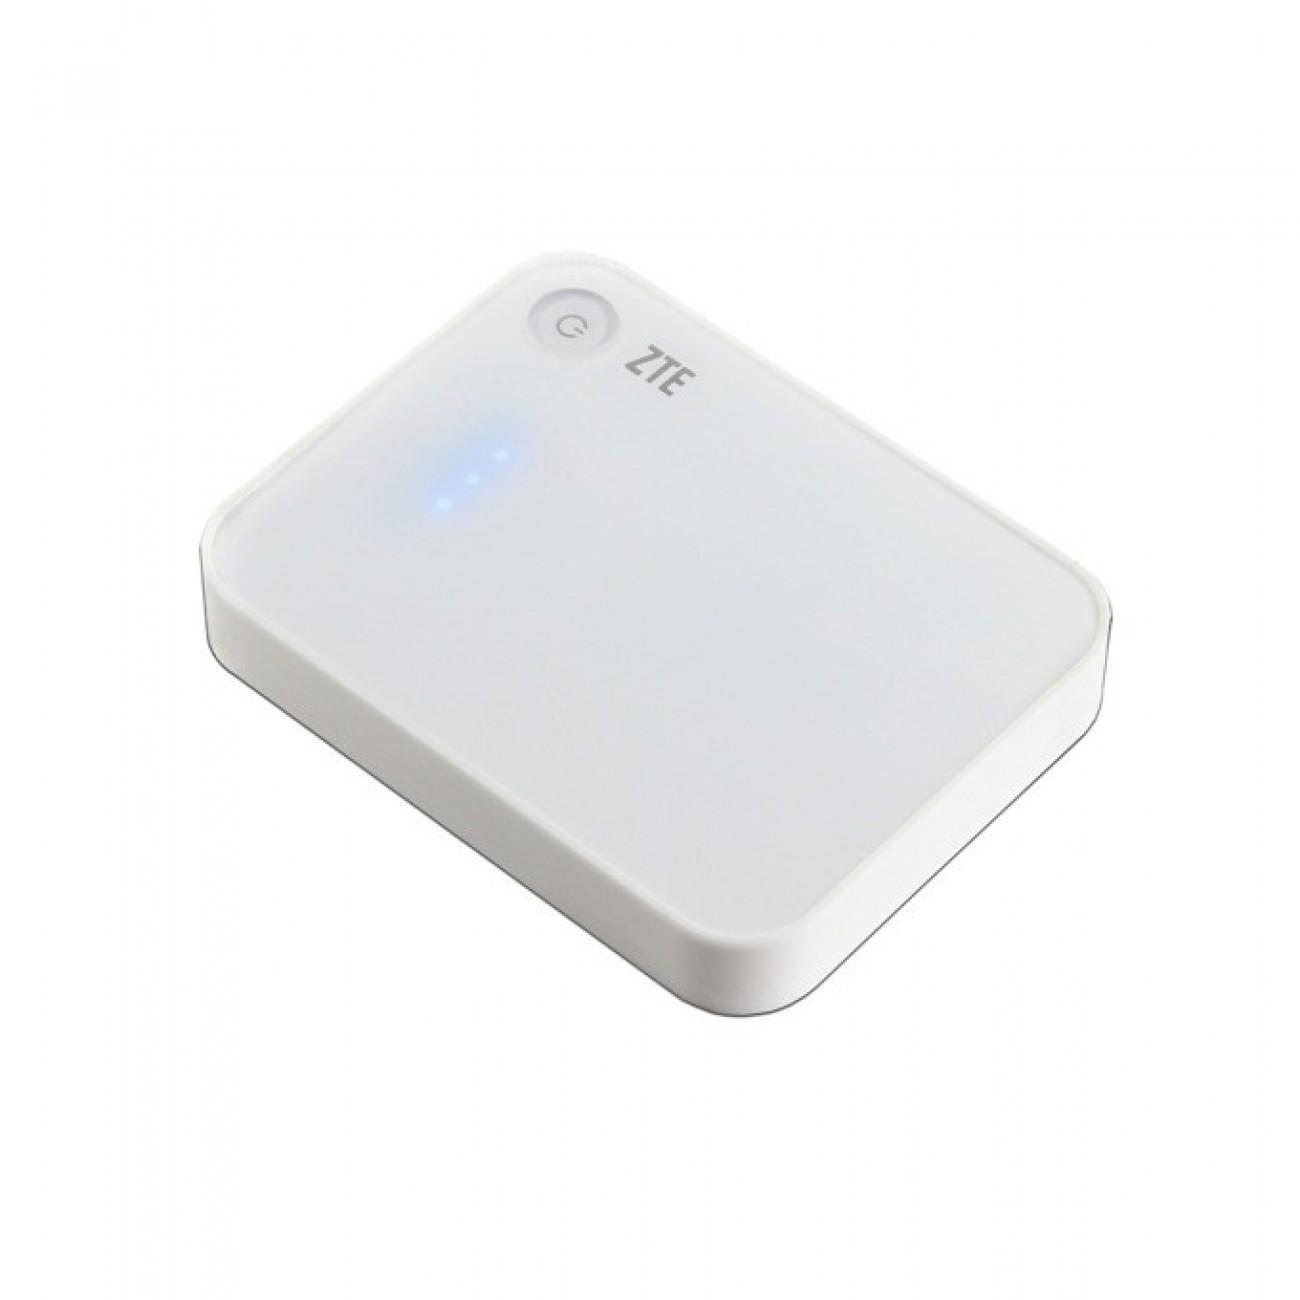 Външна батерия/power bank ZTE Power Cube P40, 4000mAh, USB, бяла в Външни батерии -  | Alleop